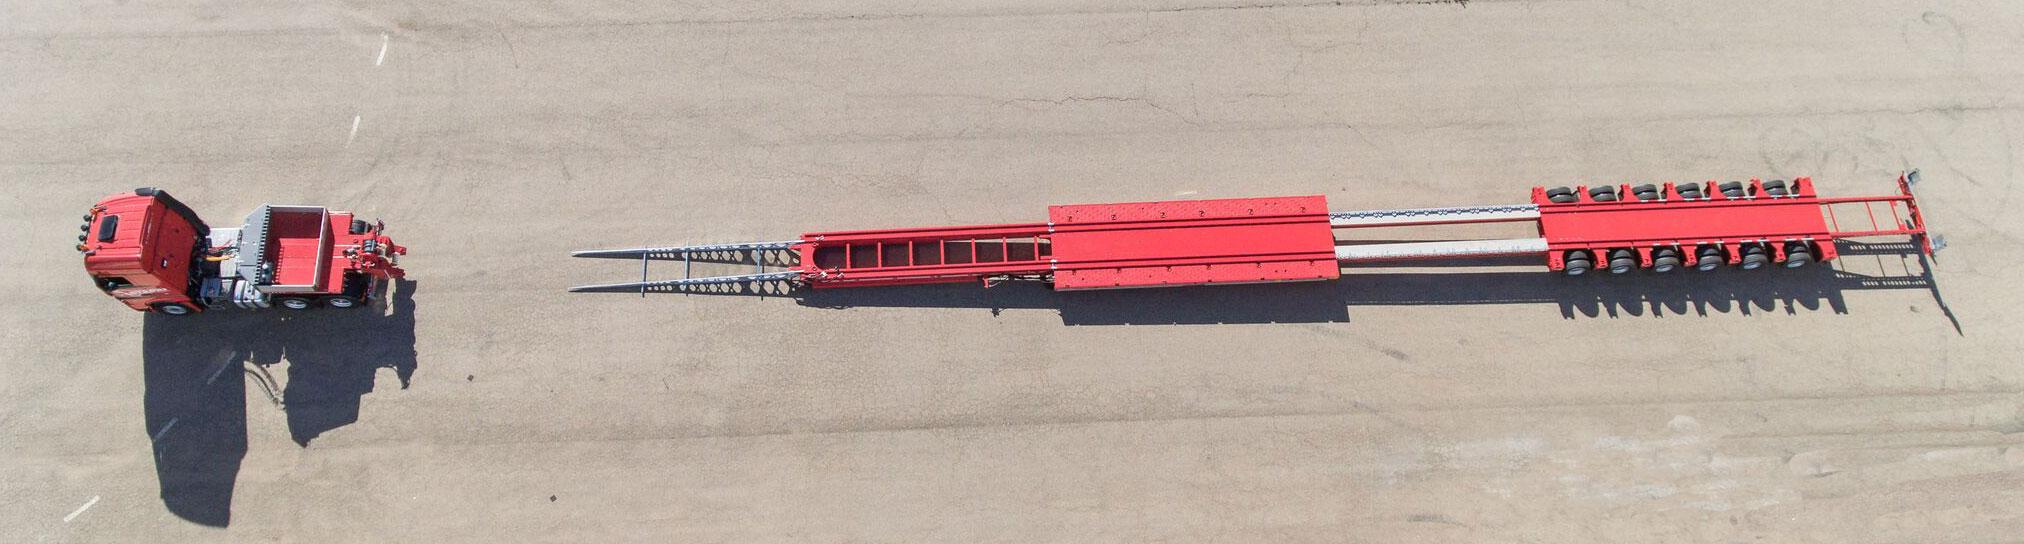 transporte especial y pesado